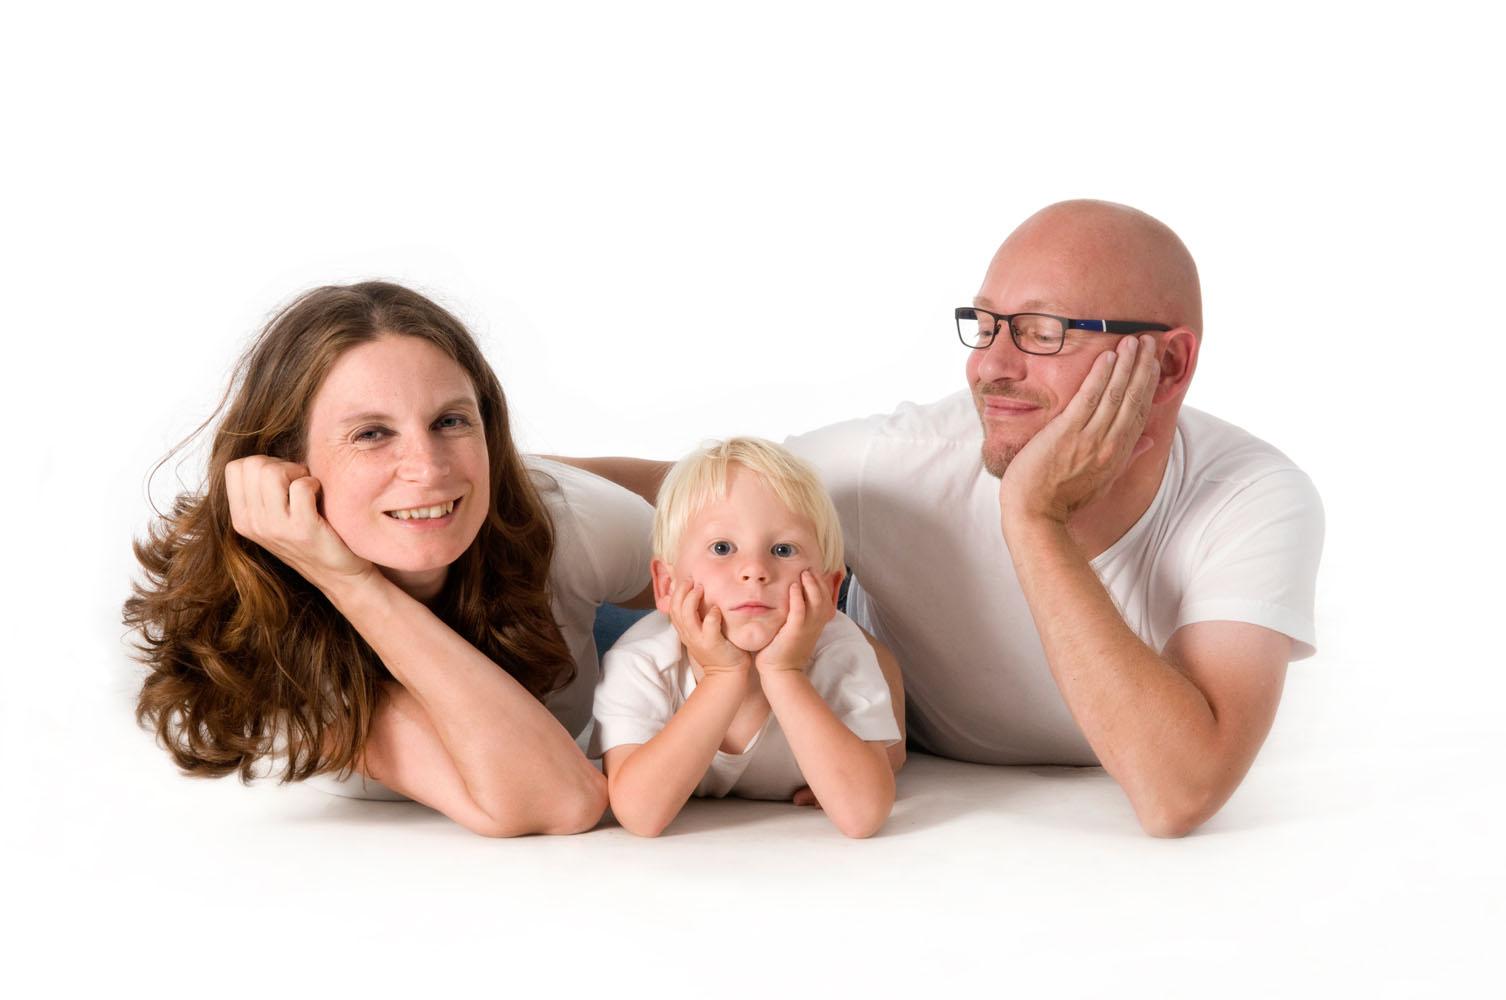 Niestadt-fotografie-Schoonhoven-studio-shoot-vader-moeder-en-zoon-samen-liggend